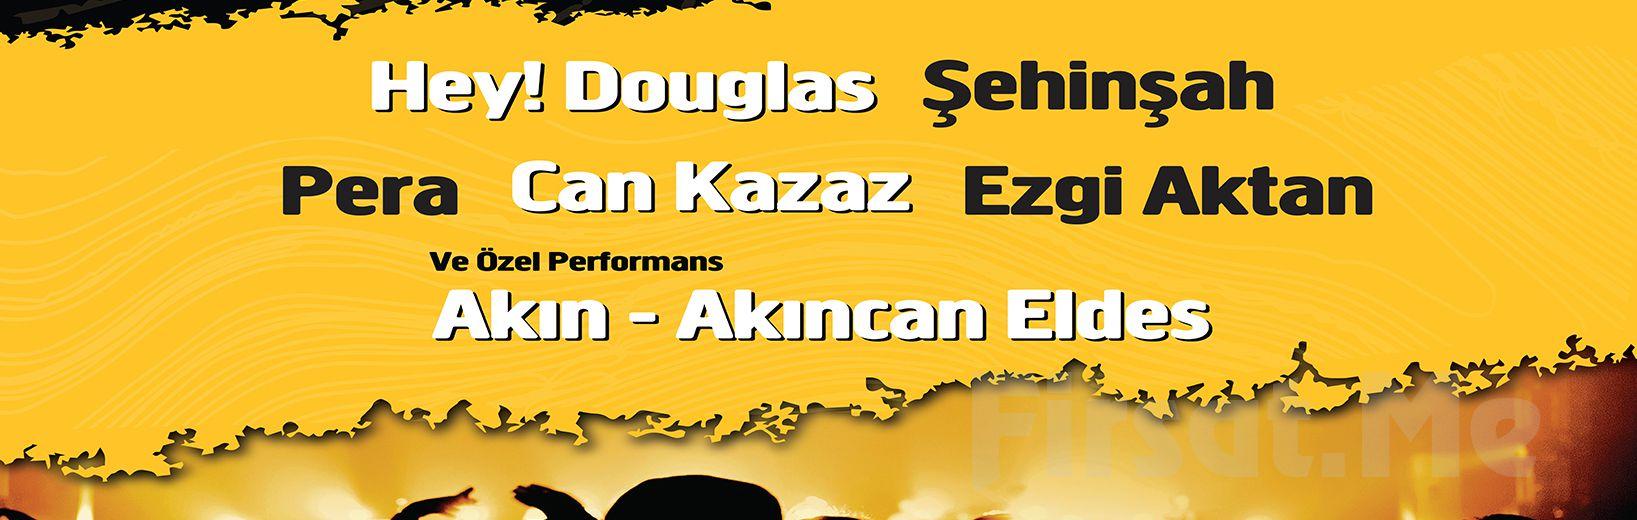 IF Performance Hall Beşiktaş'ta 24 Nisan'da Tolga Akyıldız'la %100 Açık Sahne Konser Bileti